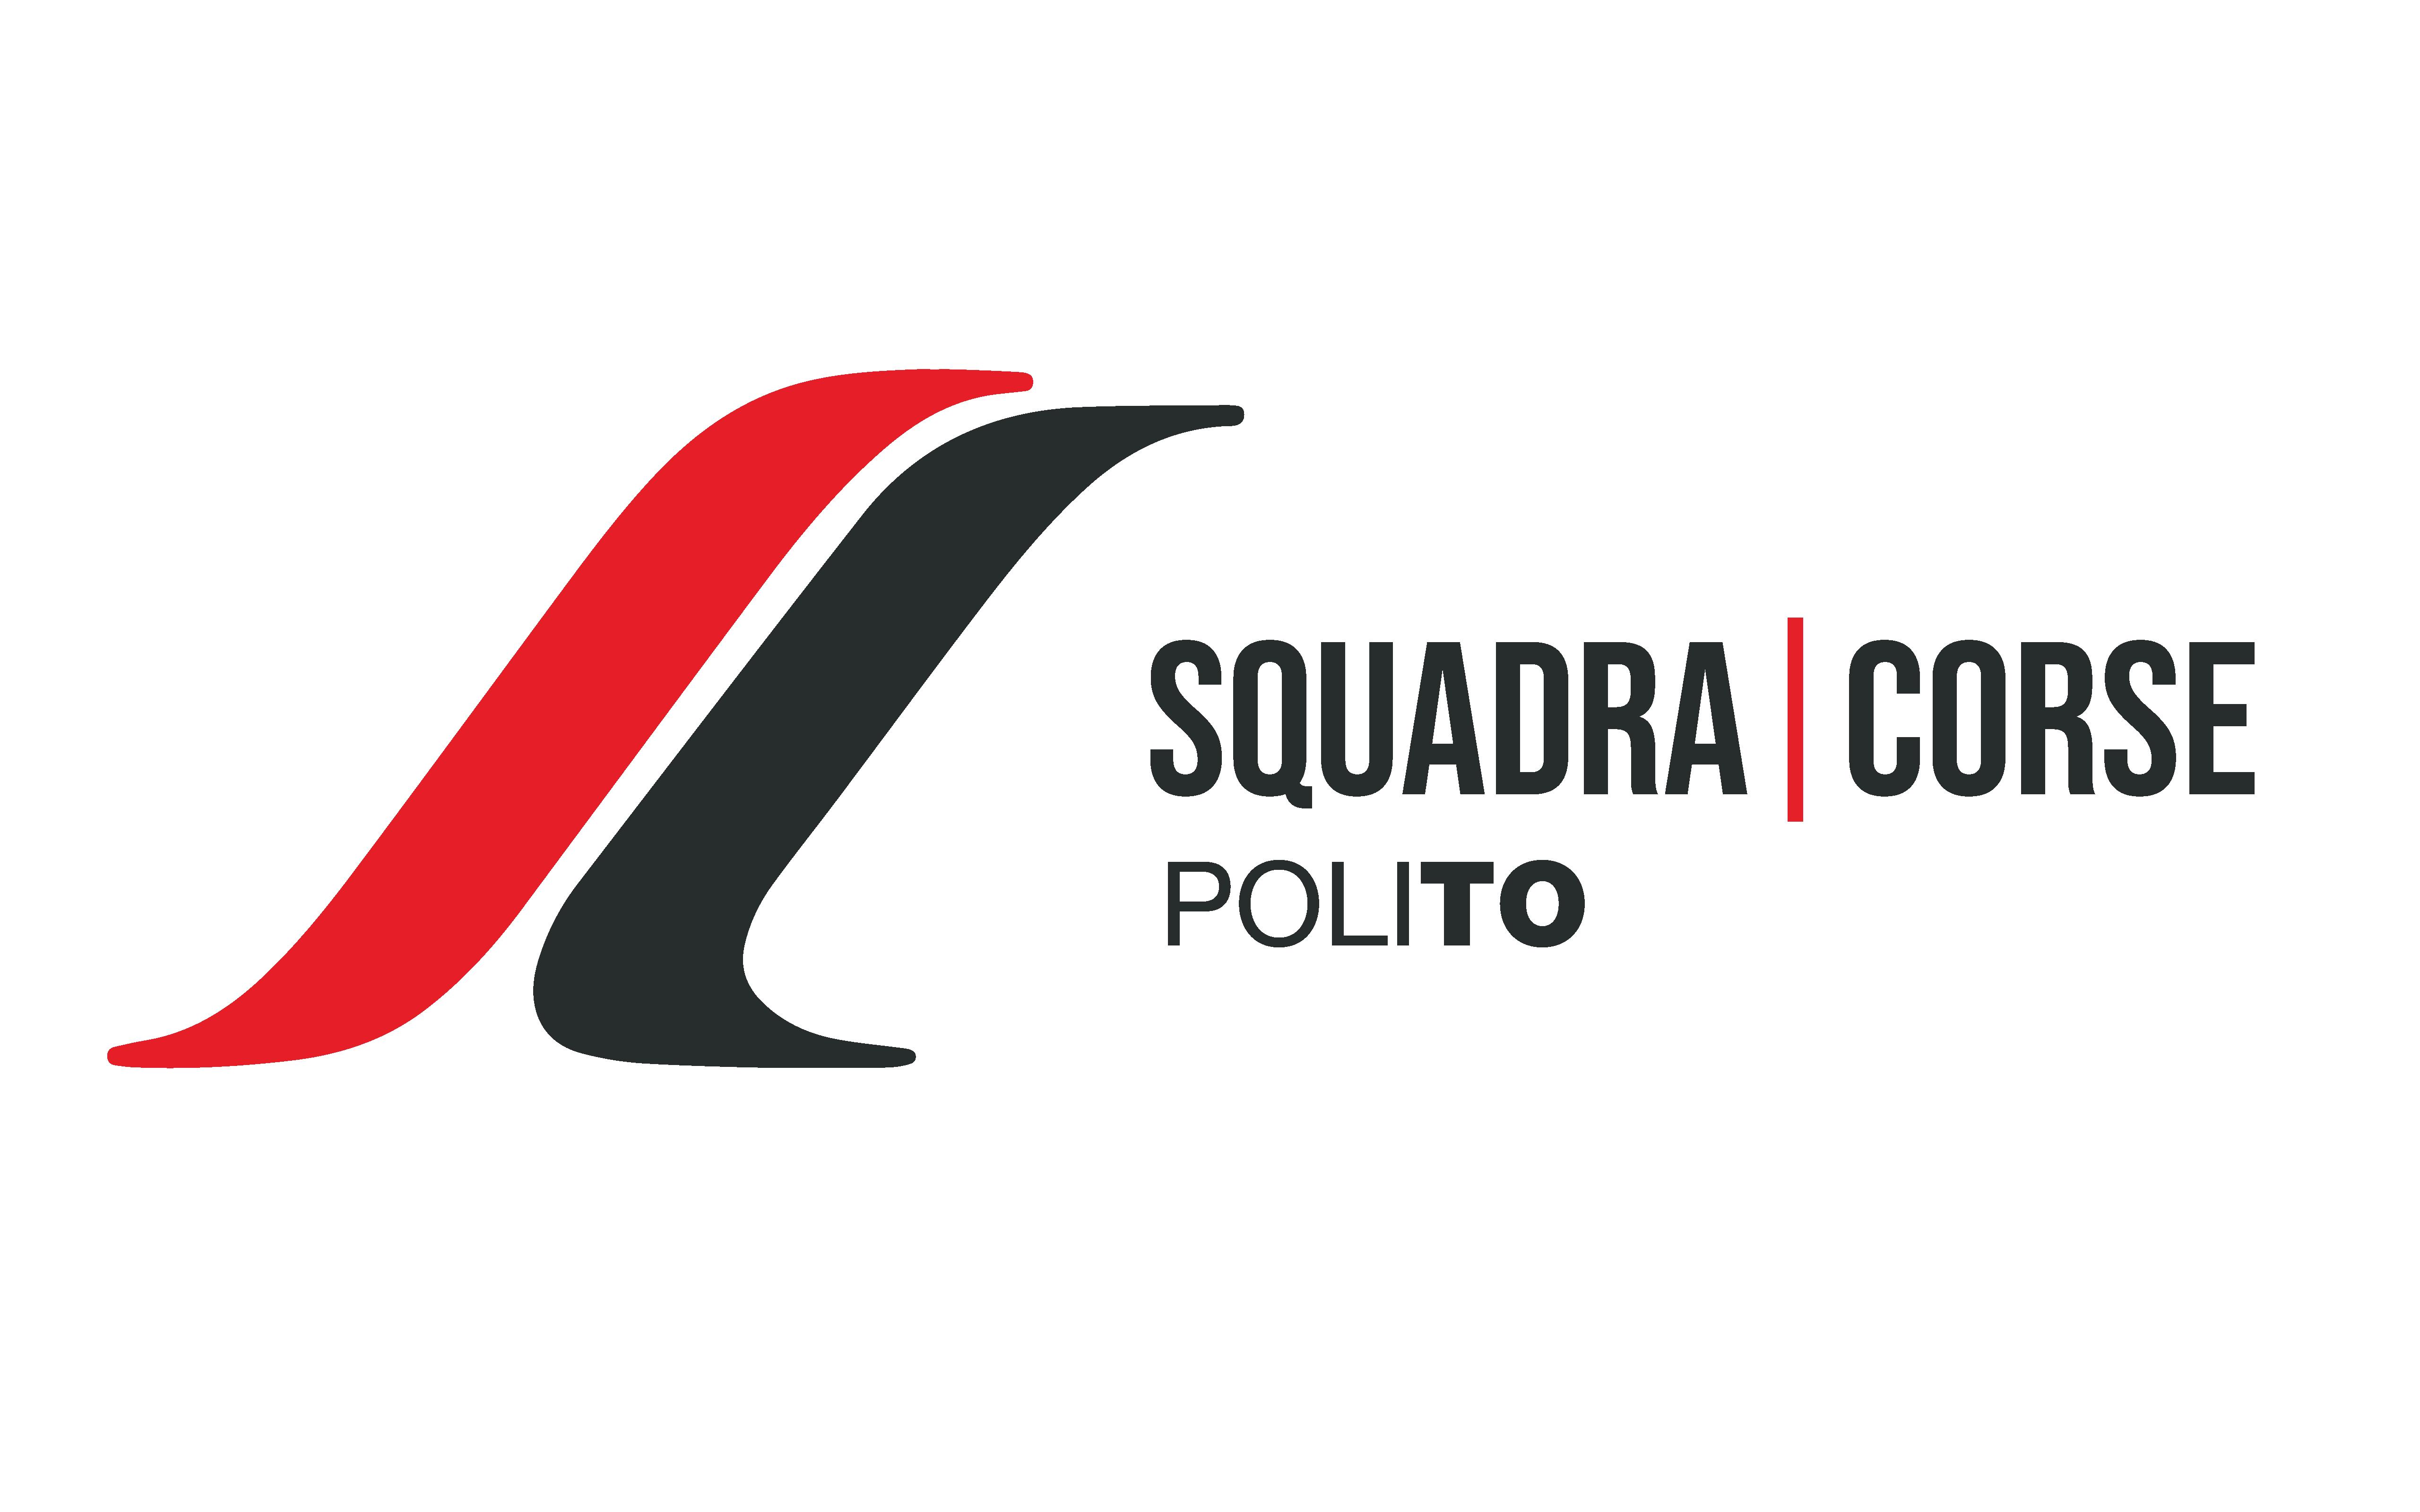 Politecnico di Torino – Squadra Corse PoliTO